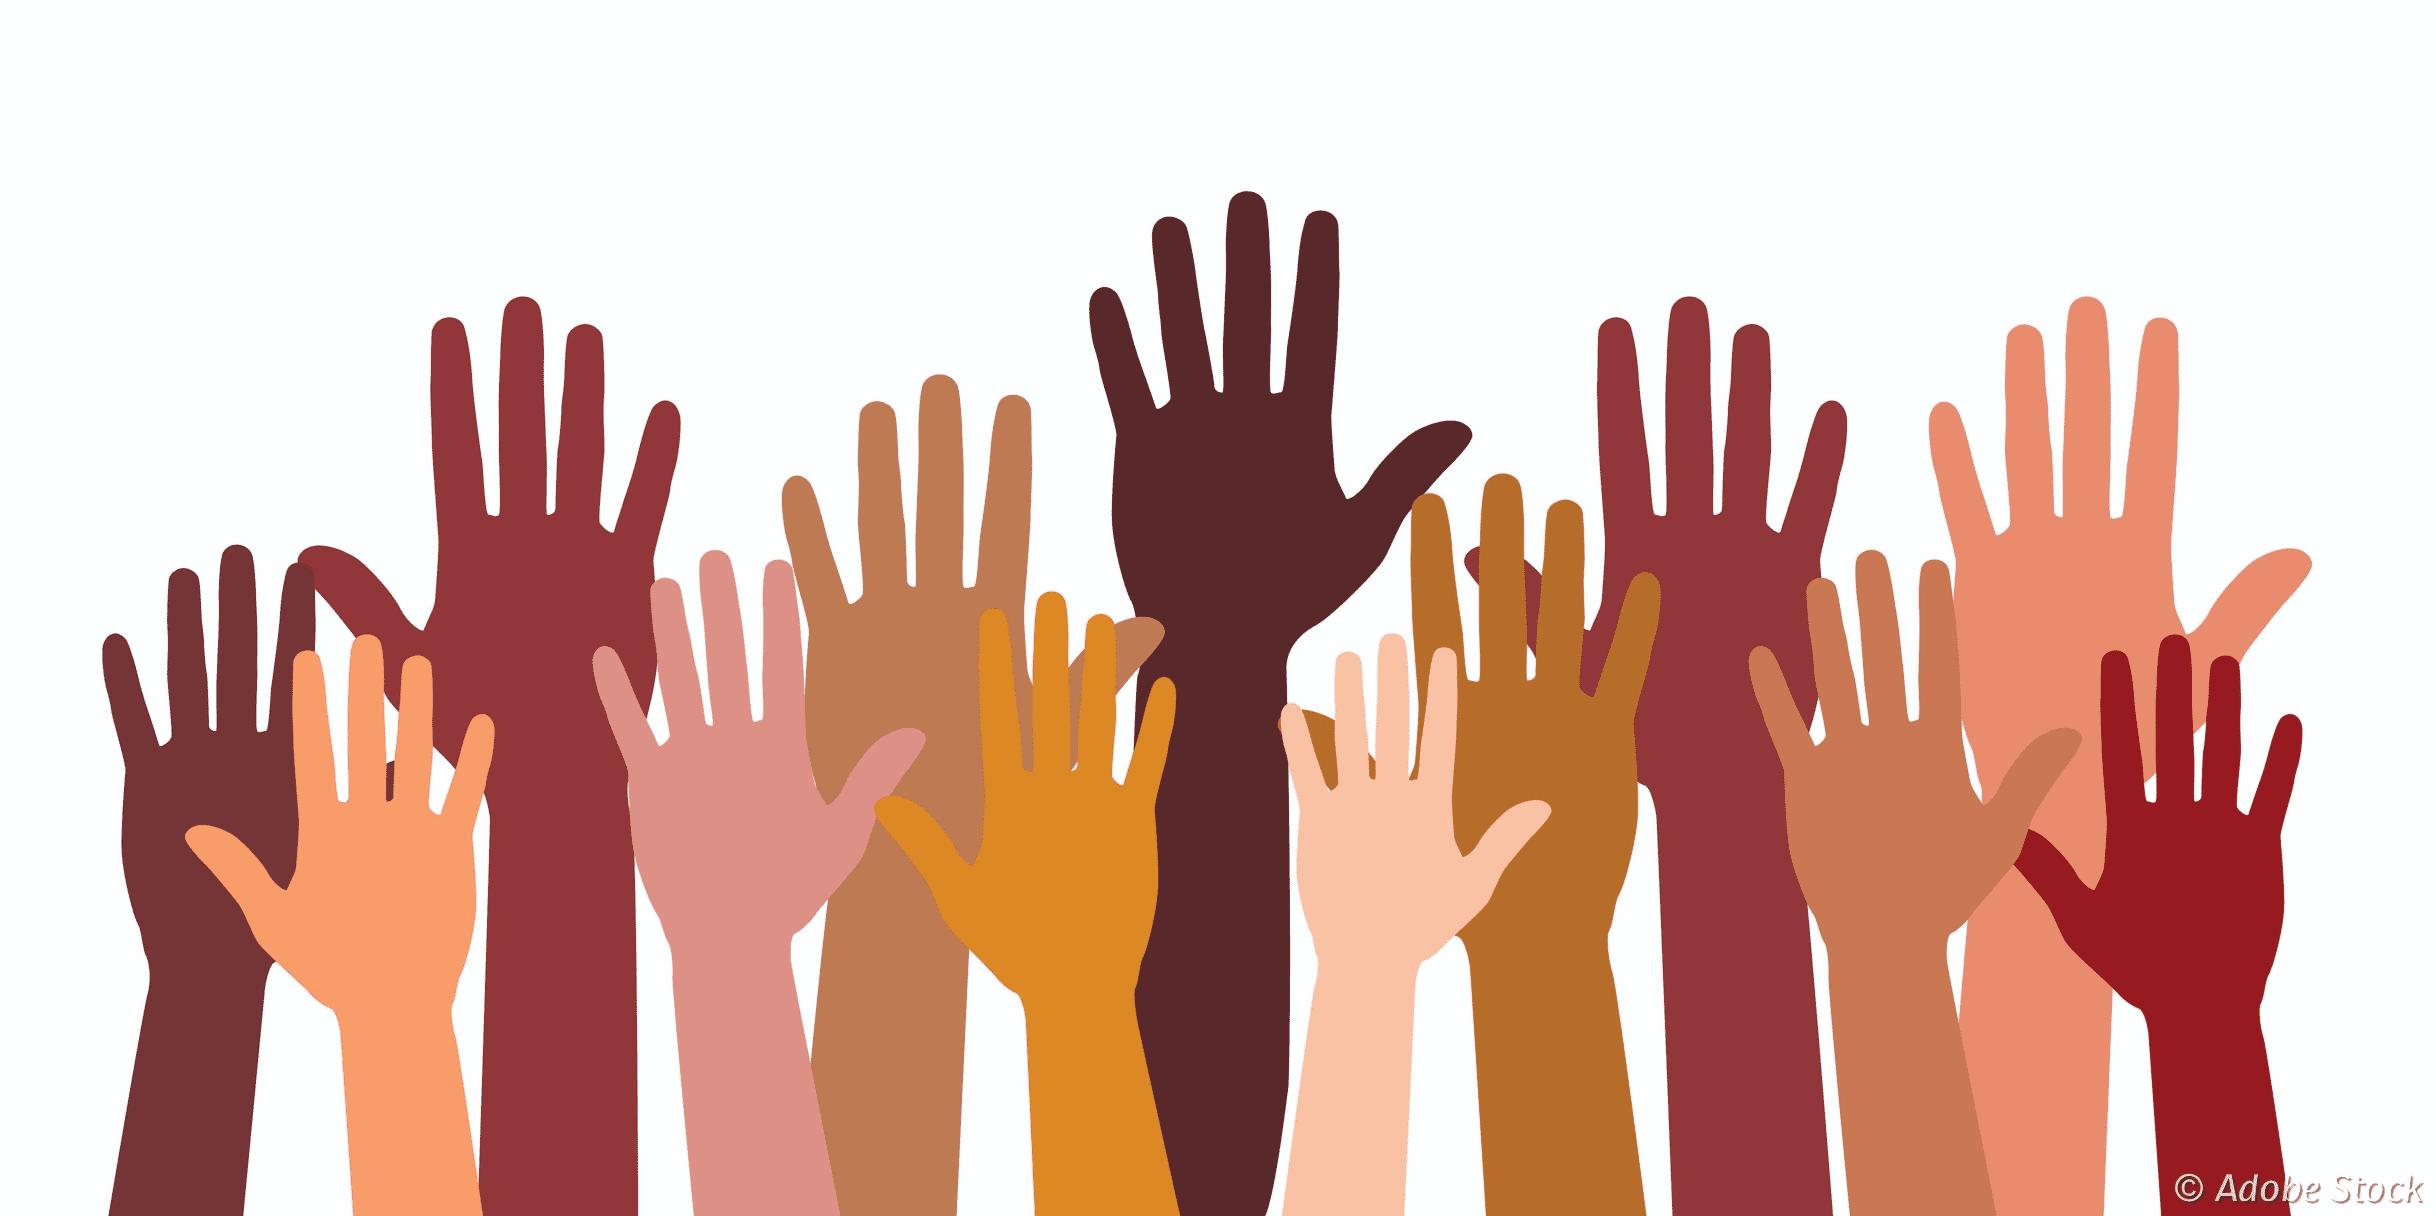 Illustration de mains de différentes couleurs levées en l'air.